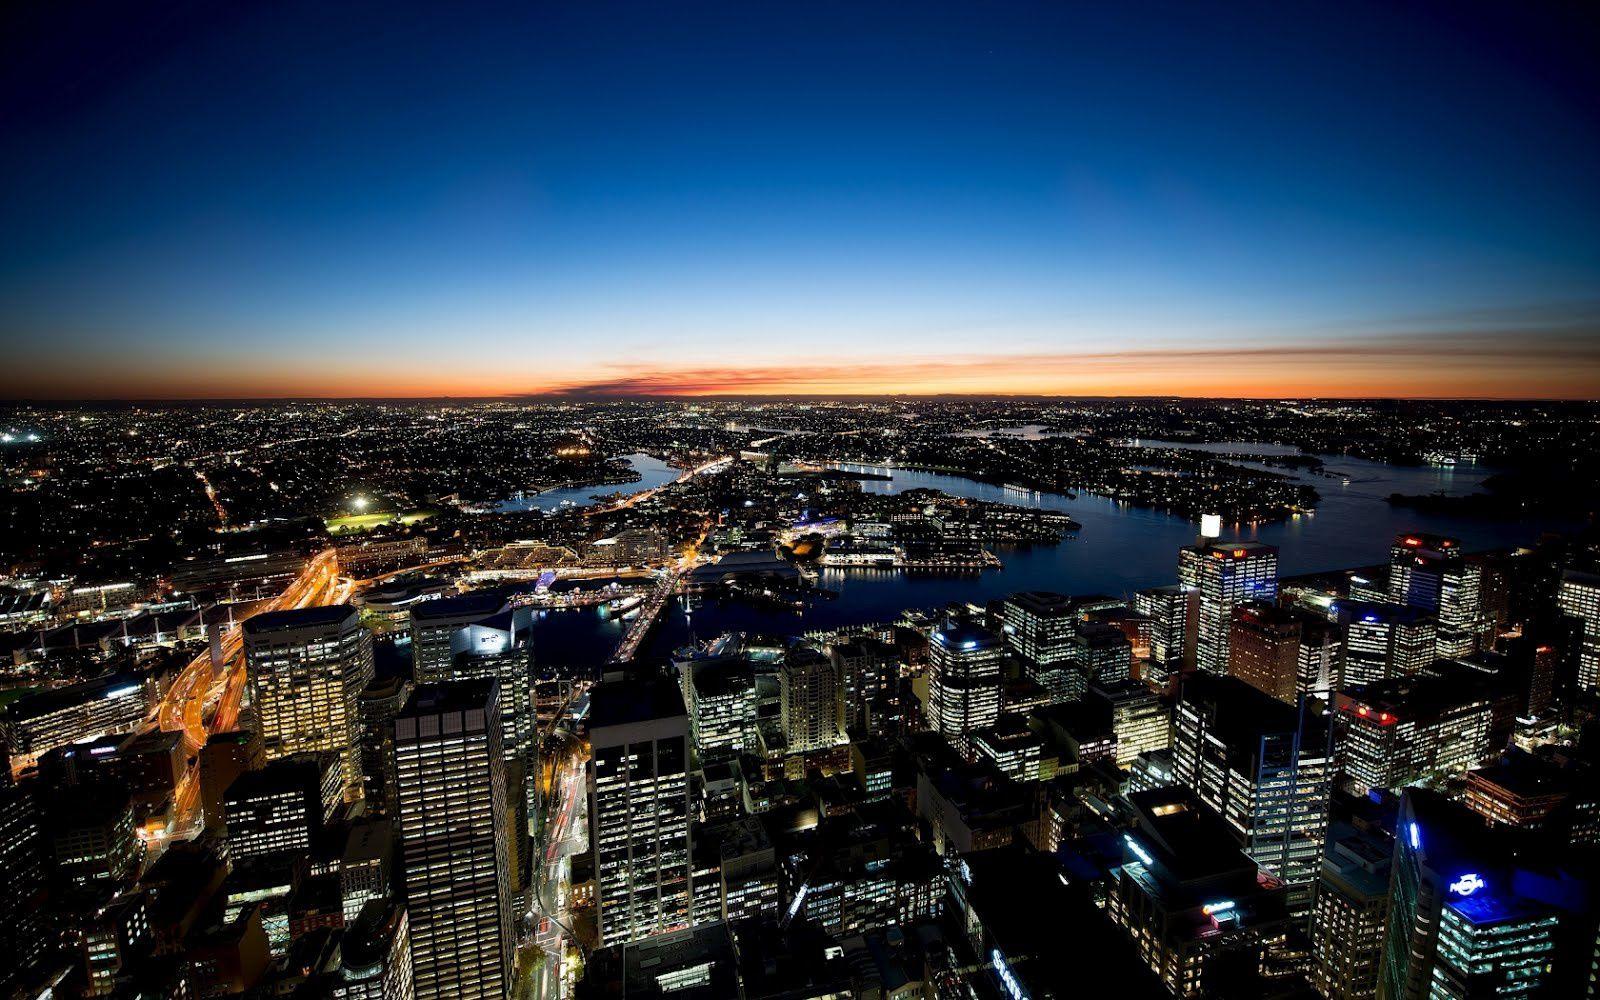 Sydney - Australie -  Nuit - Ville - Photographie - Wallpaper - Free